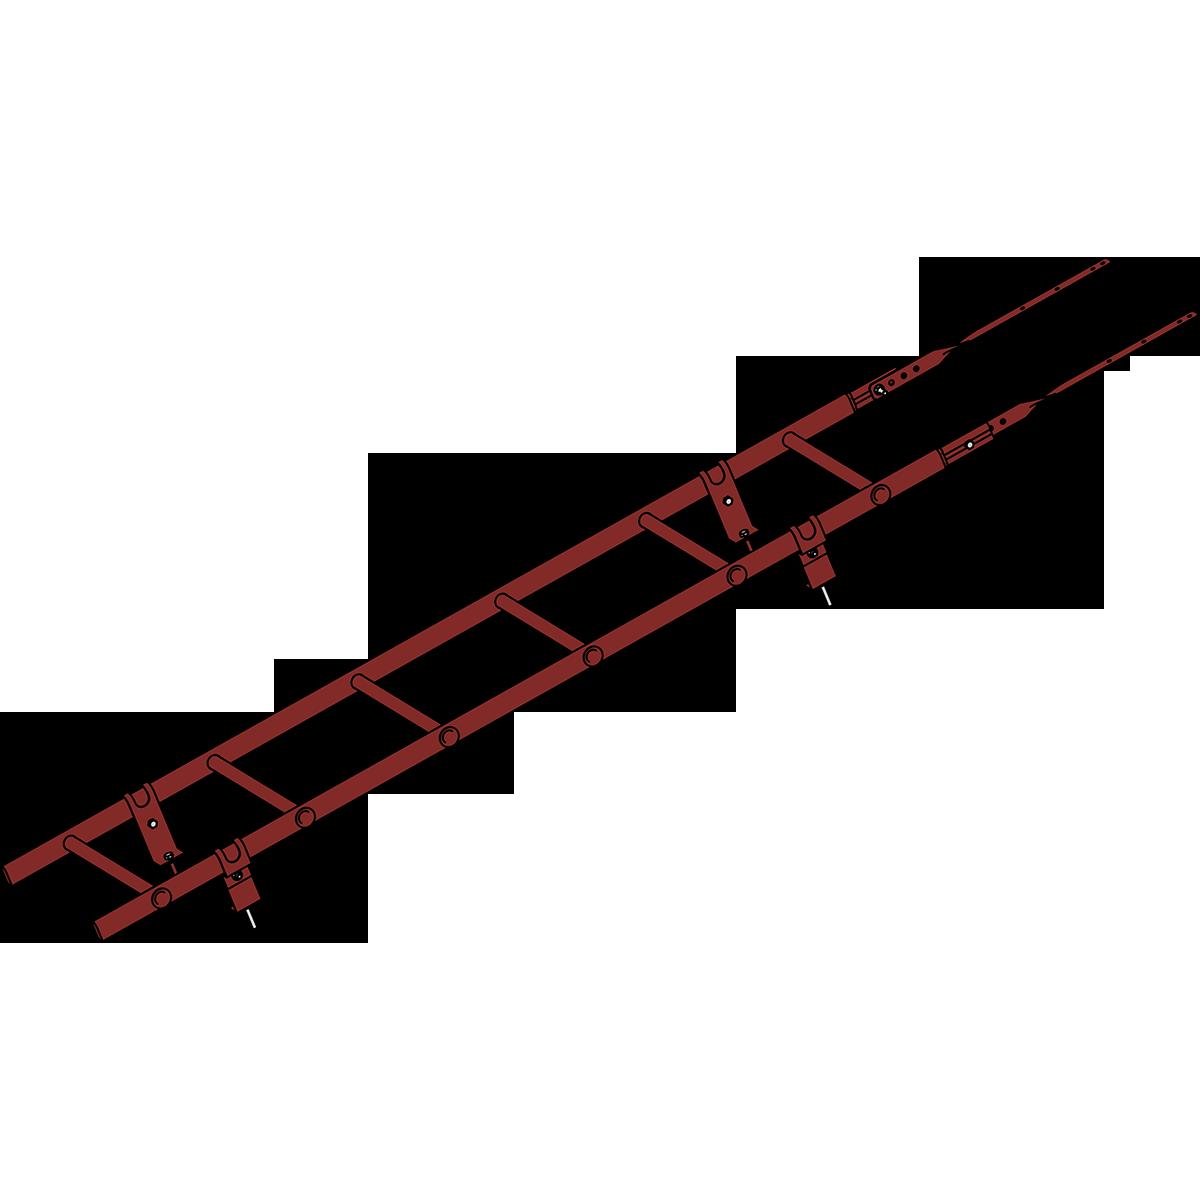 Лестница кровельная ROOFSYSTEMS PRESTIGE ZN 45х25 (овал) 400 унивеpсальная 1,2 м RAL 3009 Красная окись